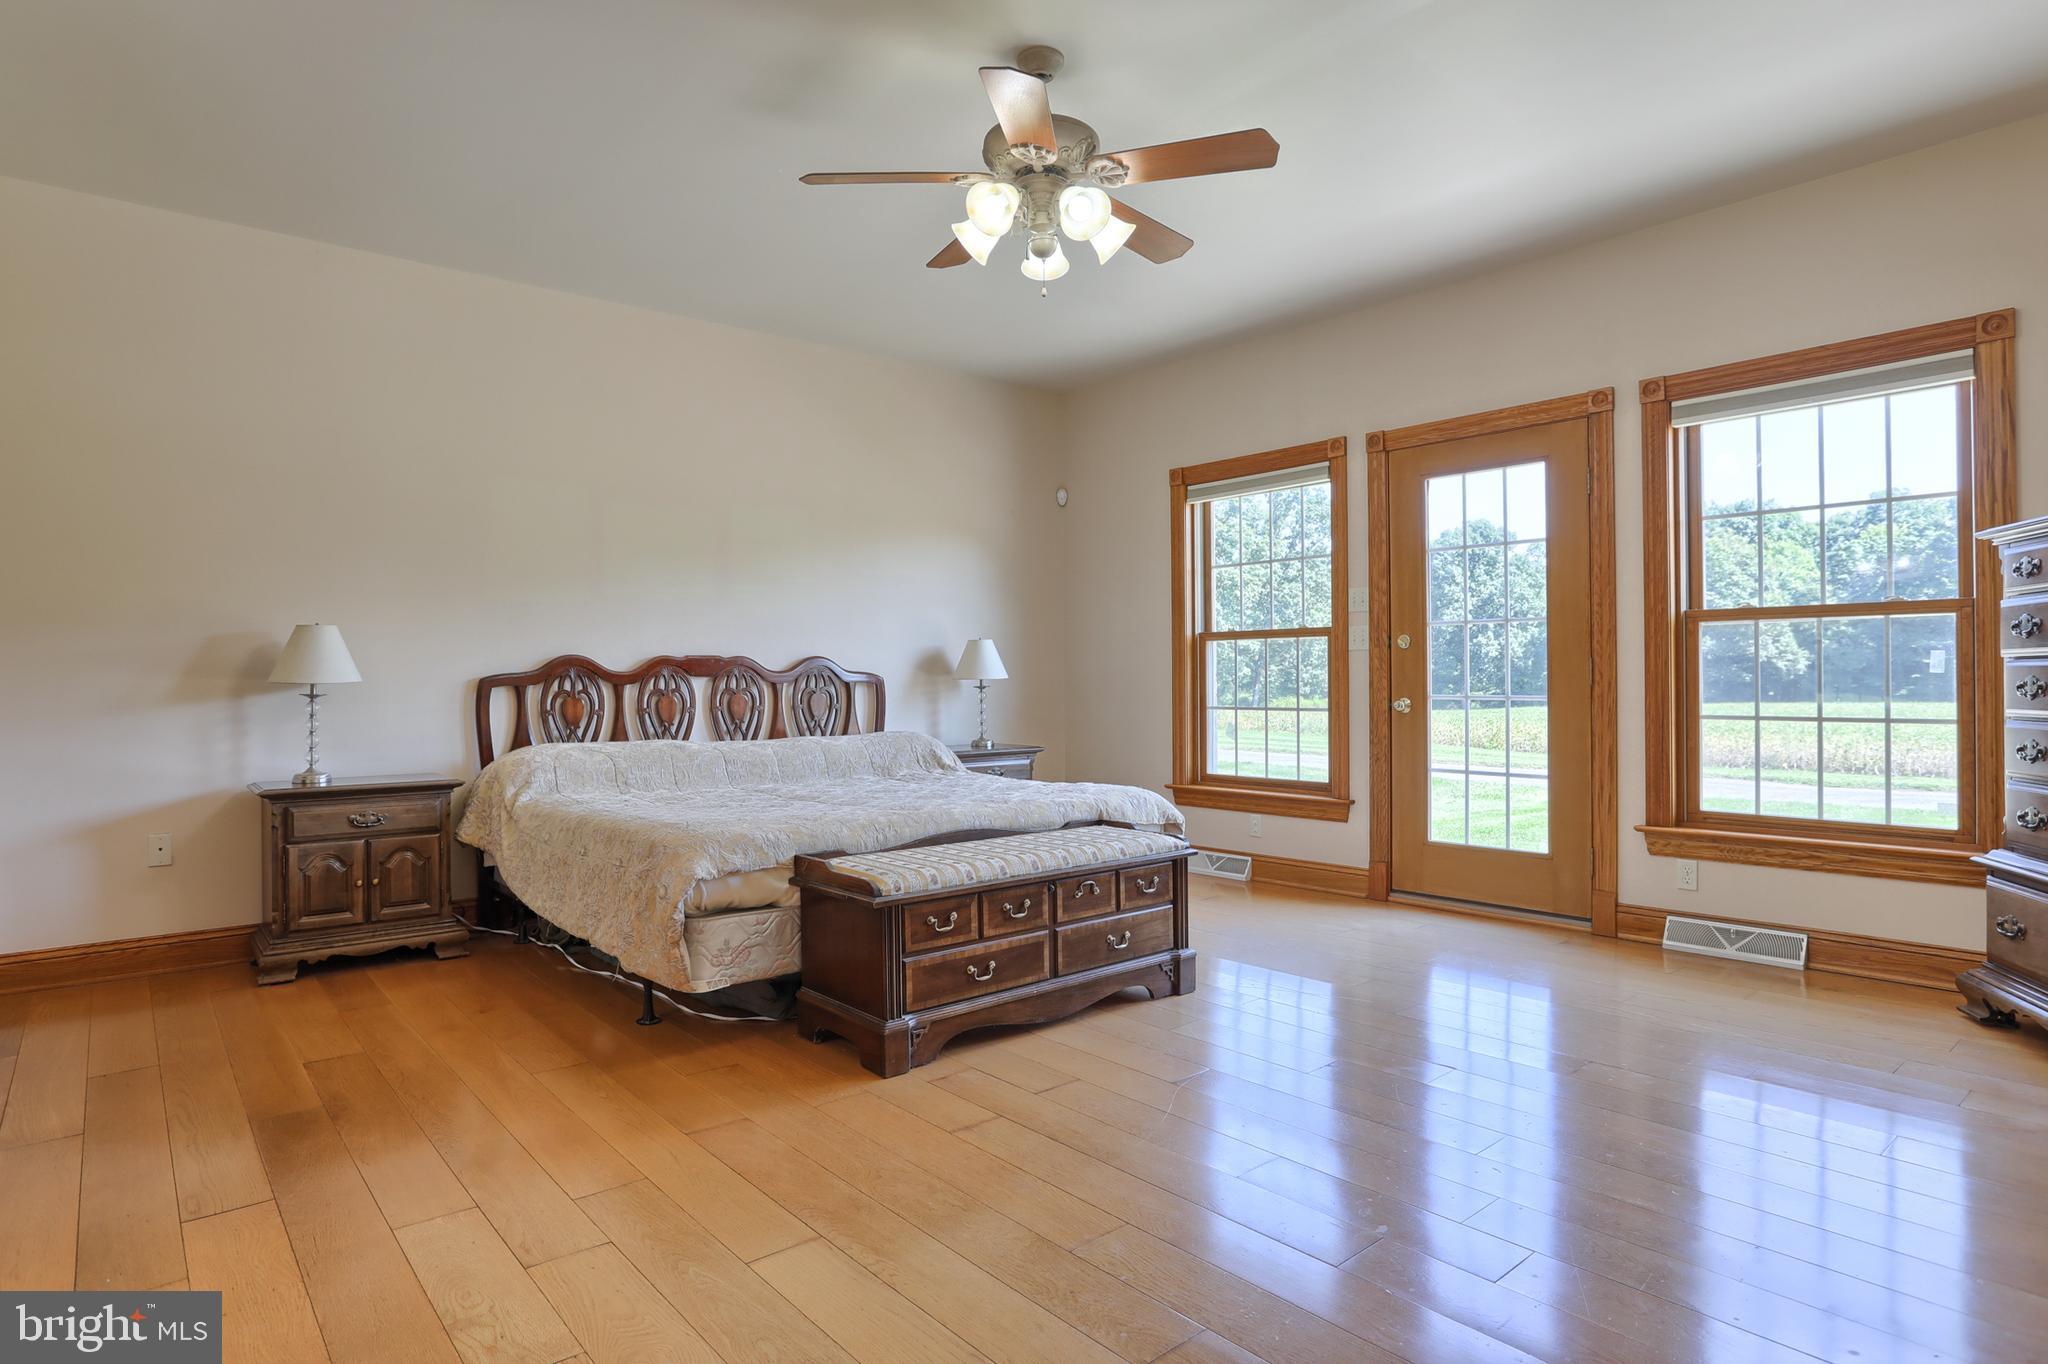 1st Floor Master Bedroom view 2